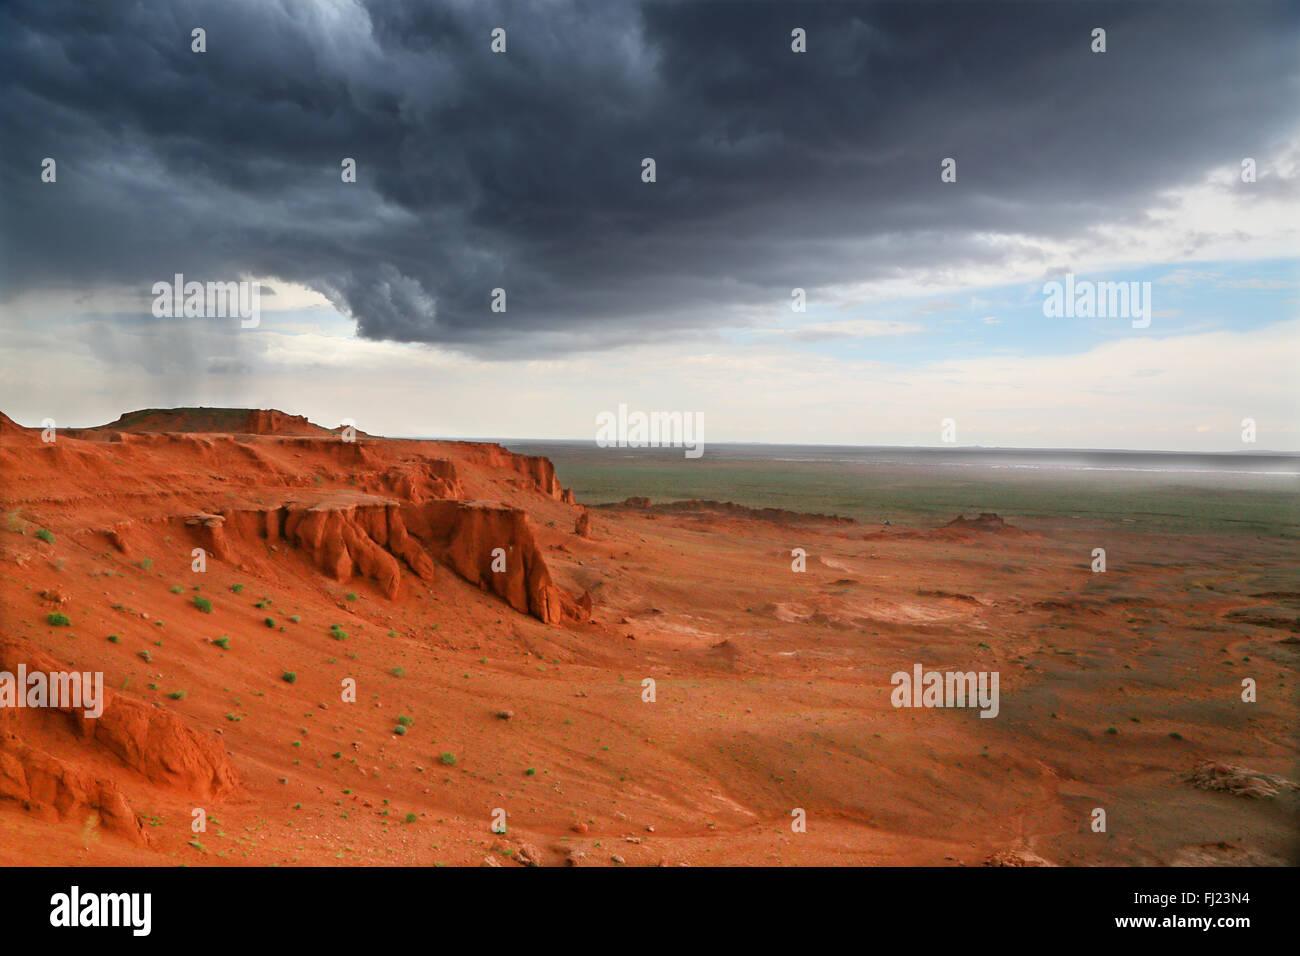 - Le paysage de la Mongolie Flaming Cliffs Bayanzag Photo Stock